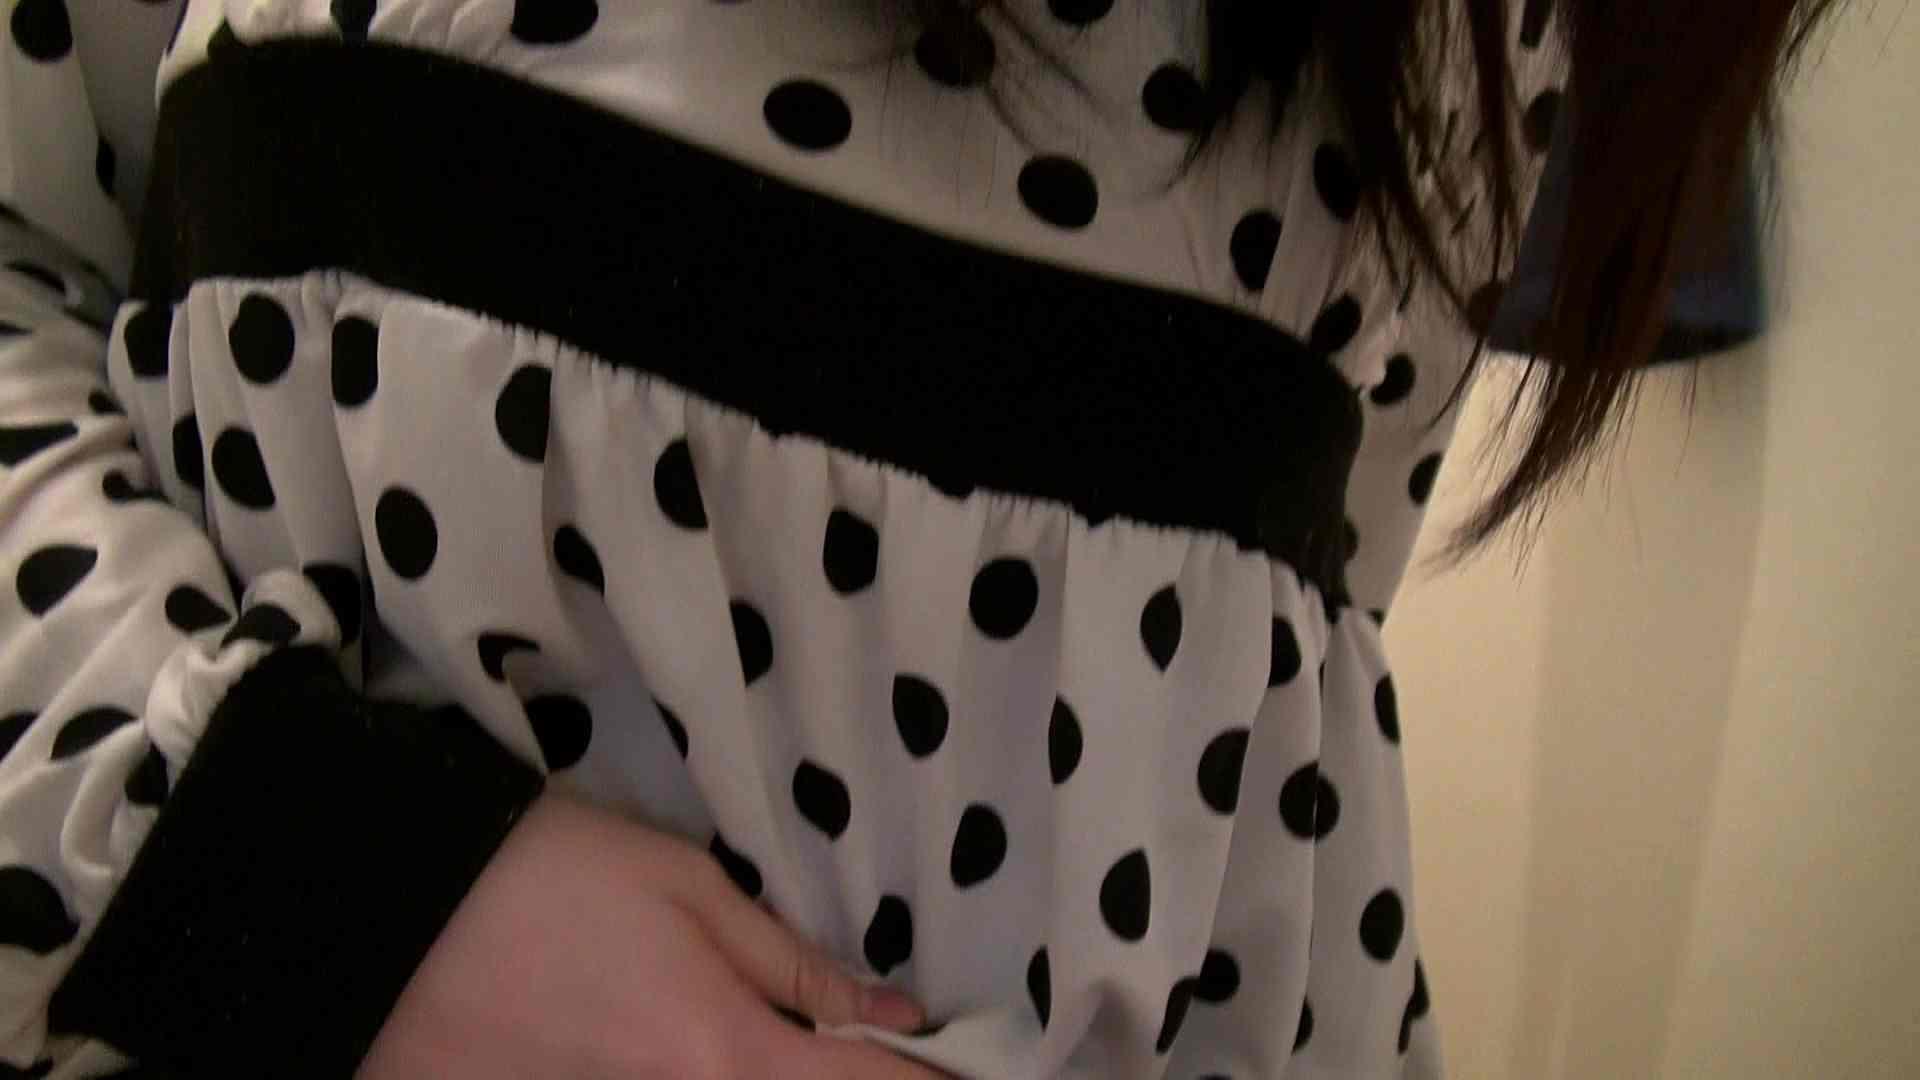 志穂さんにお手洗いに行ってもらいましょう マンコ特別編 すけべAV動画紹介 92枚 38